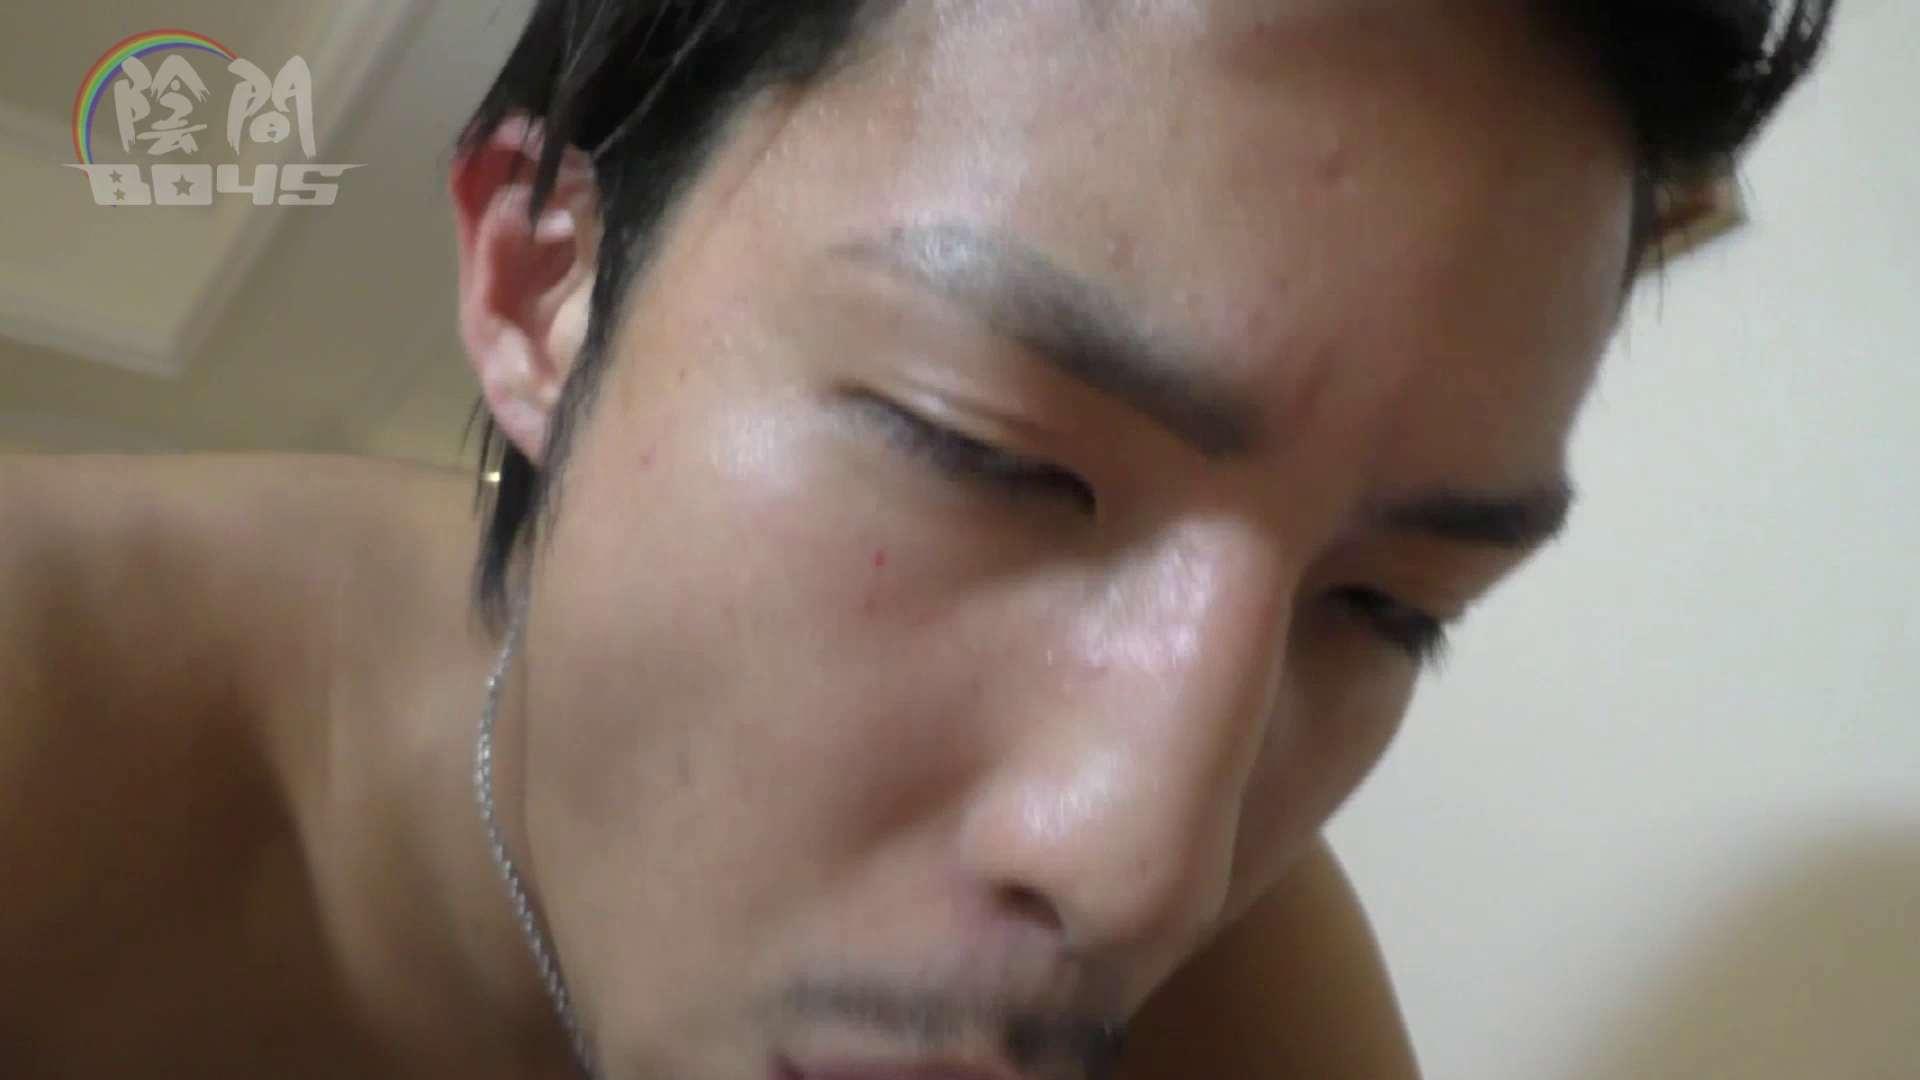 陰間BOYS~「アナルだけは許して…2」~05 フェラ天国 ゲイ無修正ビデオ画像 83pic 25